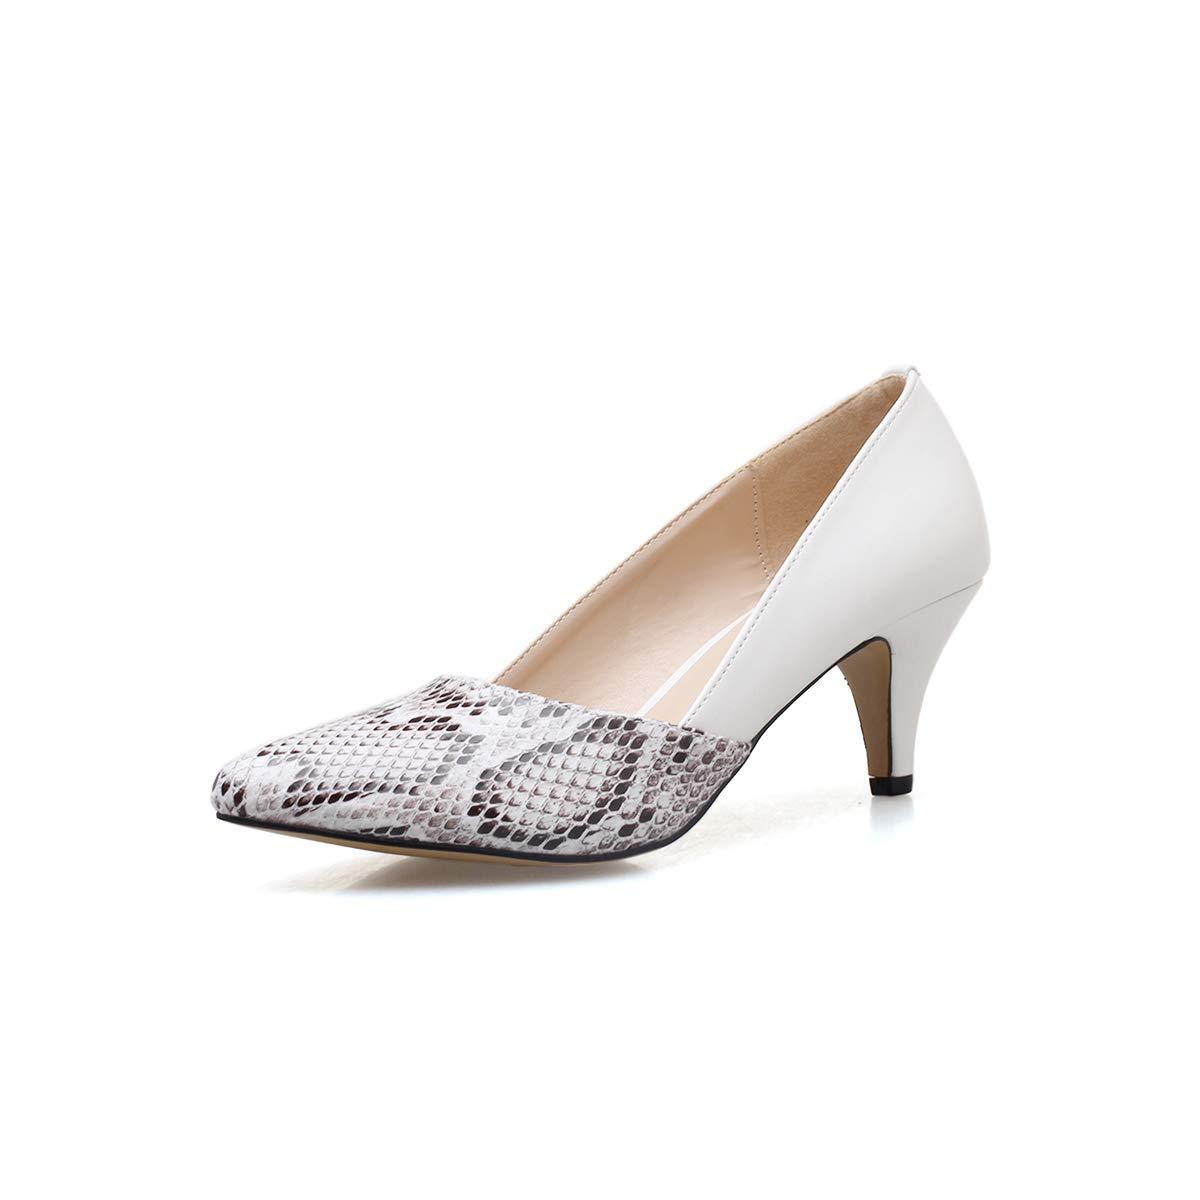 Yukun Schuhe mit hohen Absätzen Absätzen Absätzen Frauen Schuhe High Heel Frauen Fein Mit Einzelnen Schuhe Weibliche Pu Spitz Schwarz Professionelle Einzelne Schuhe 0e7943